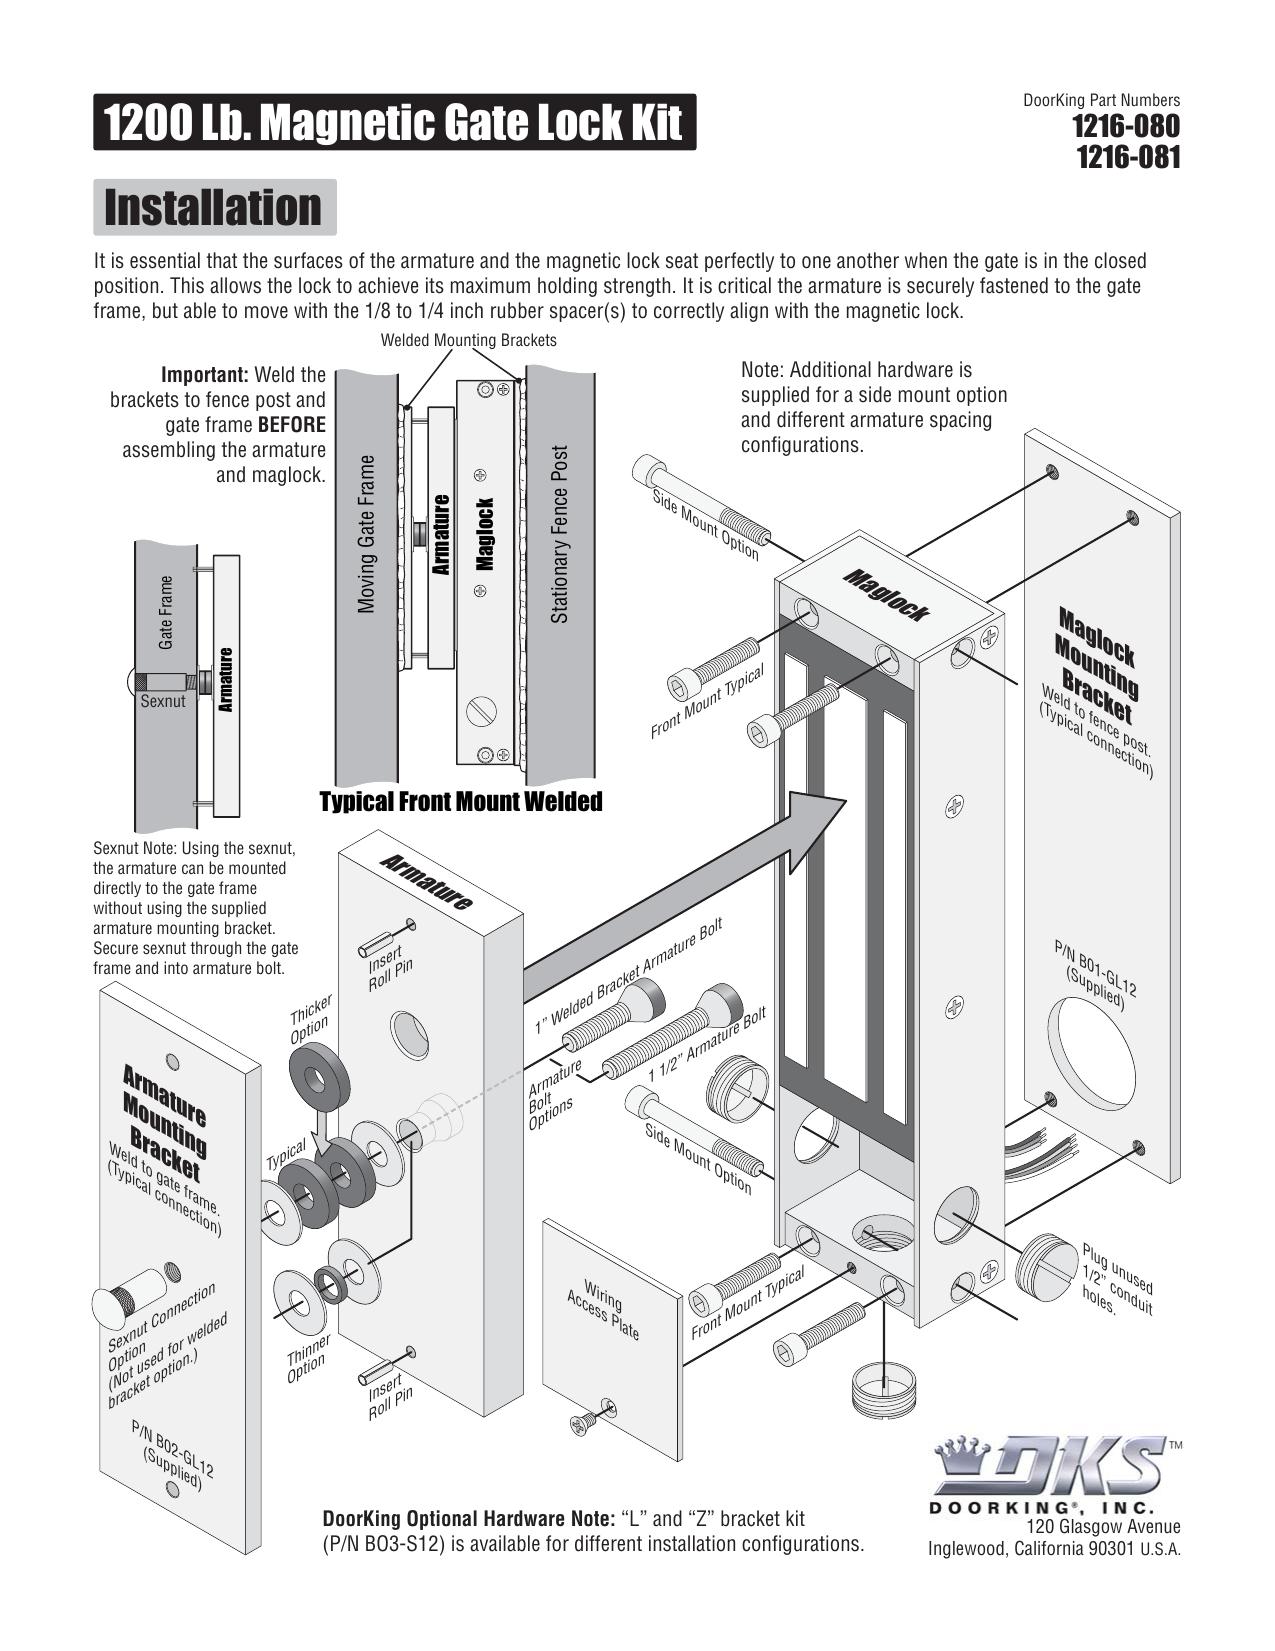 1200 Lb Magnetic Gate Lock Kit Installation Ke Wiring Diagram